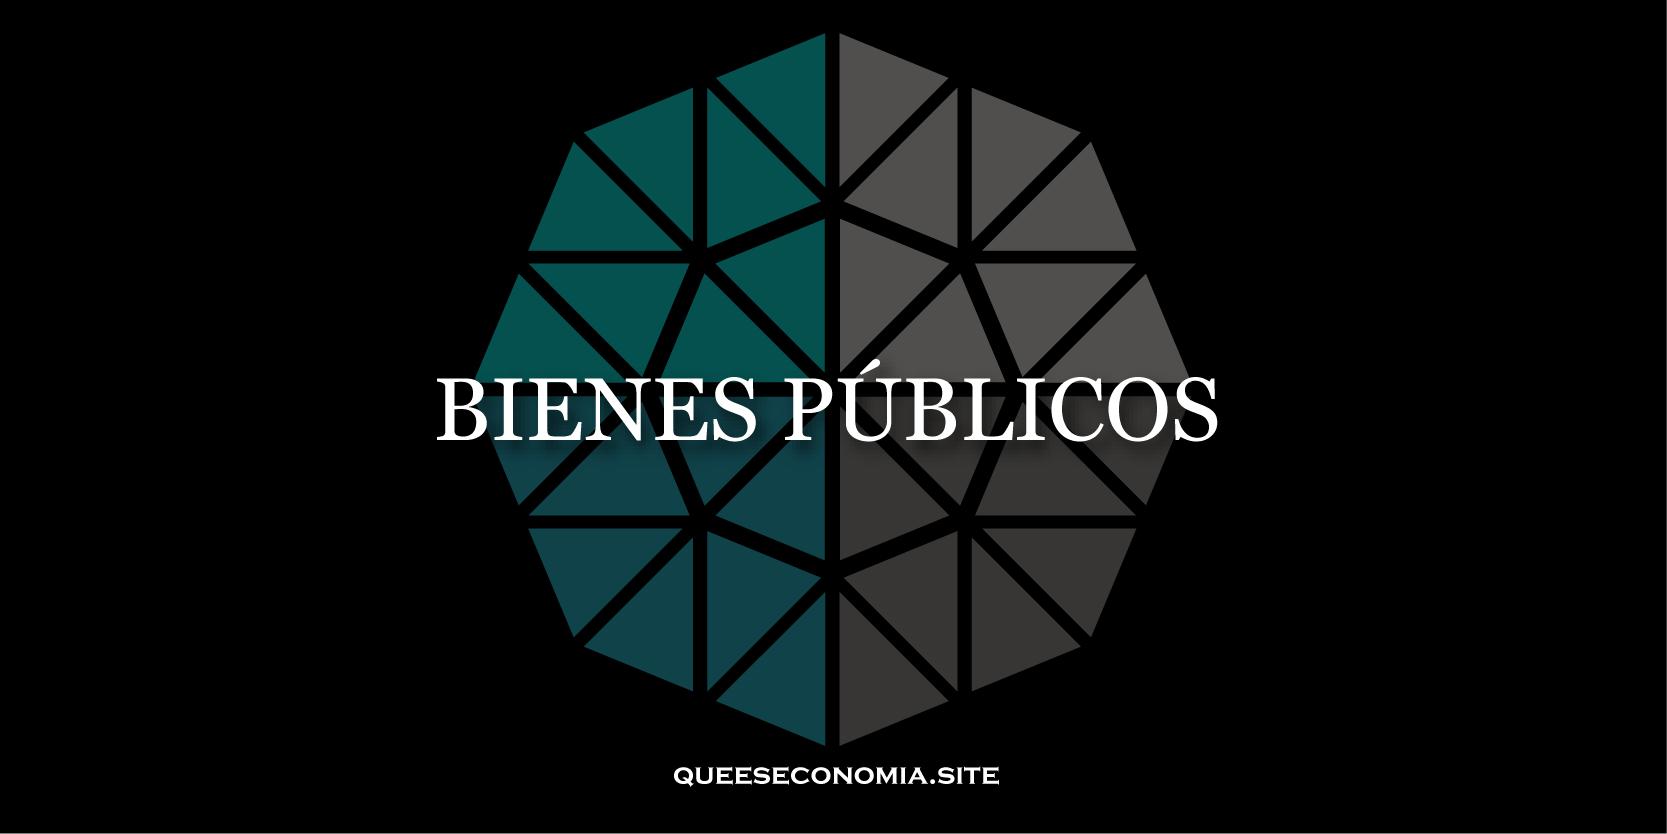 bienes públicos